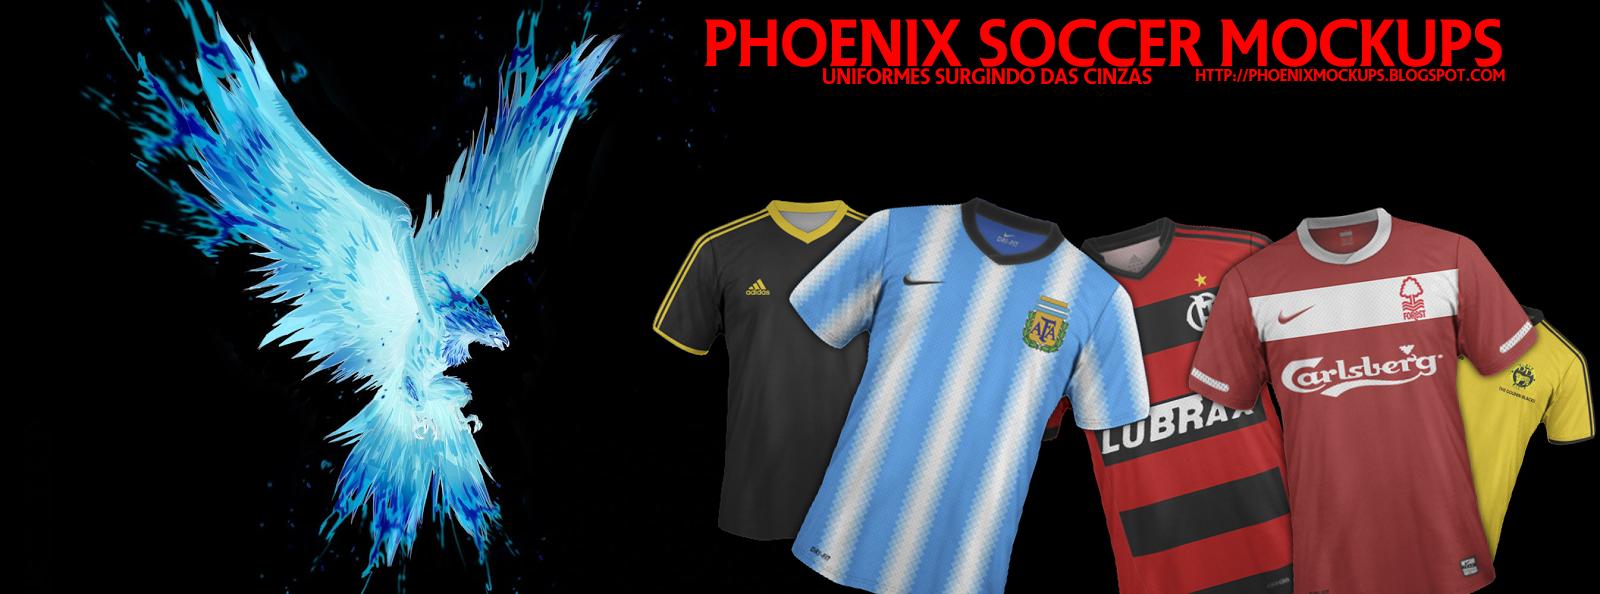 Phoenix Soccer Mockups